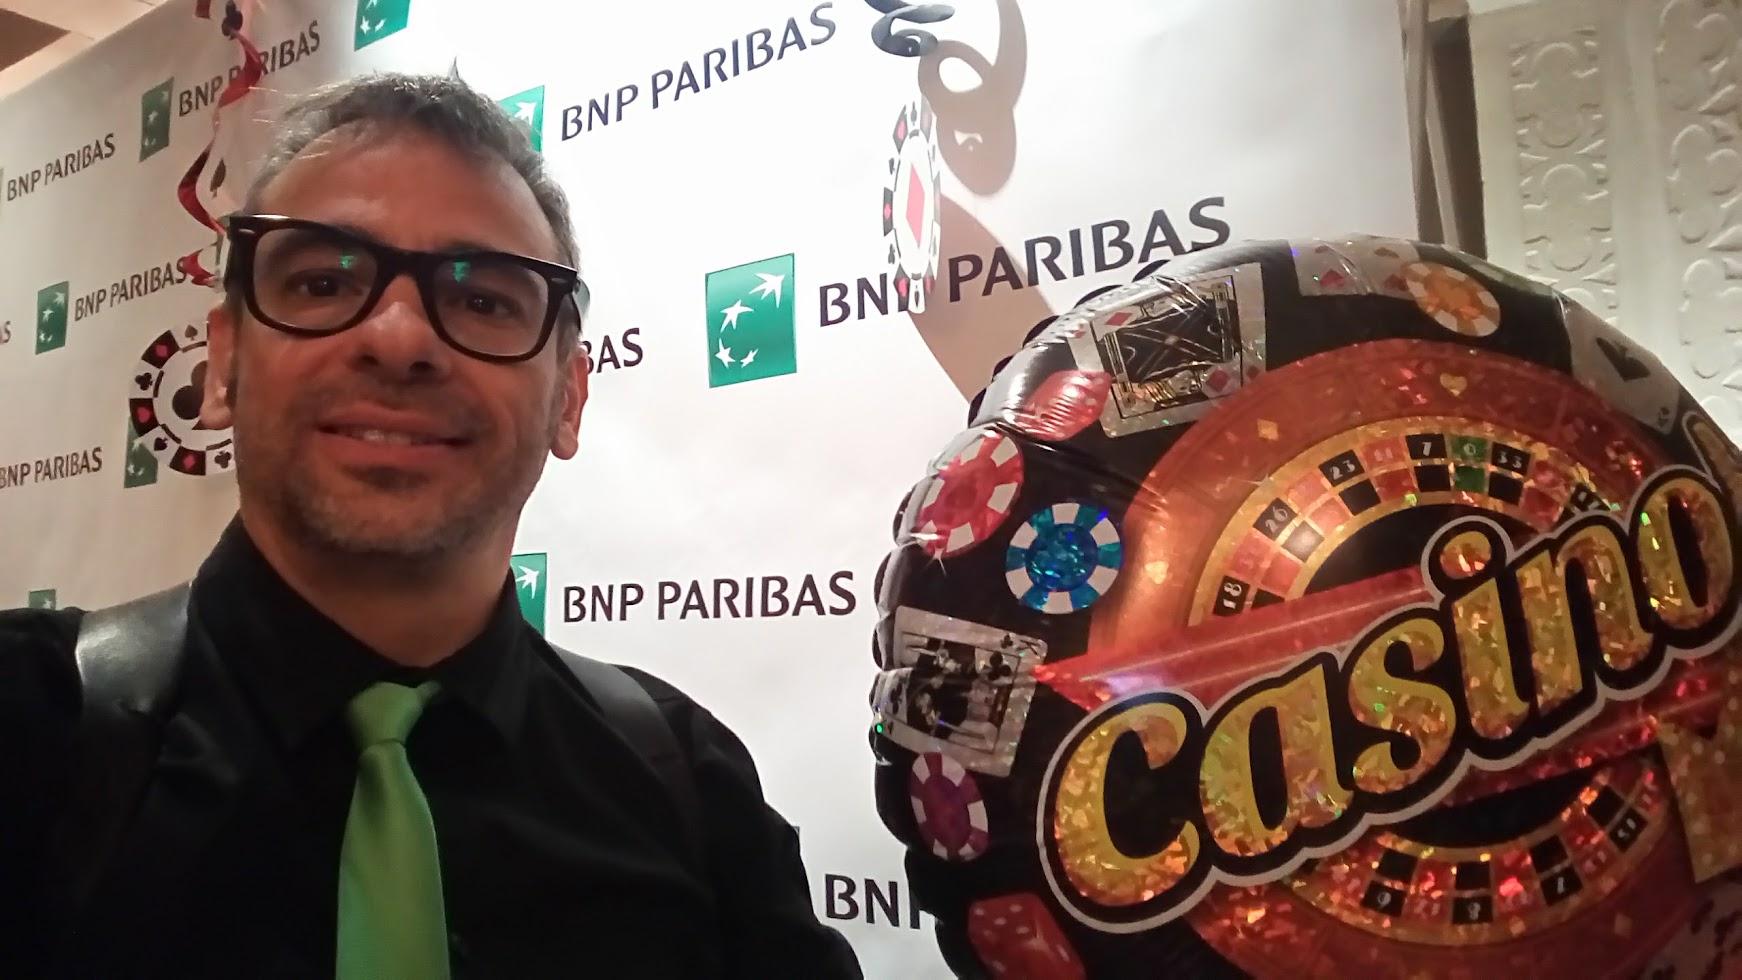 Mago Madrid en fiesta casino 2017